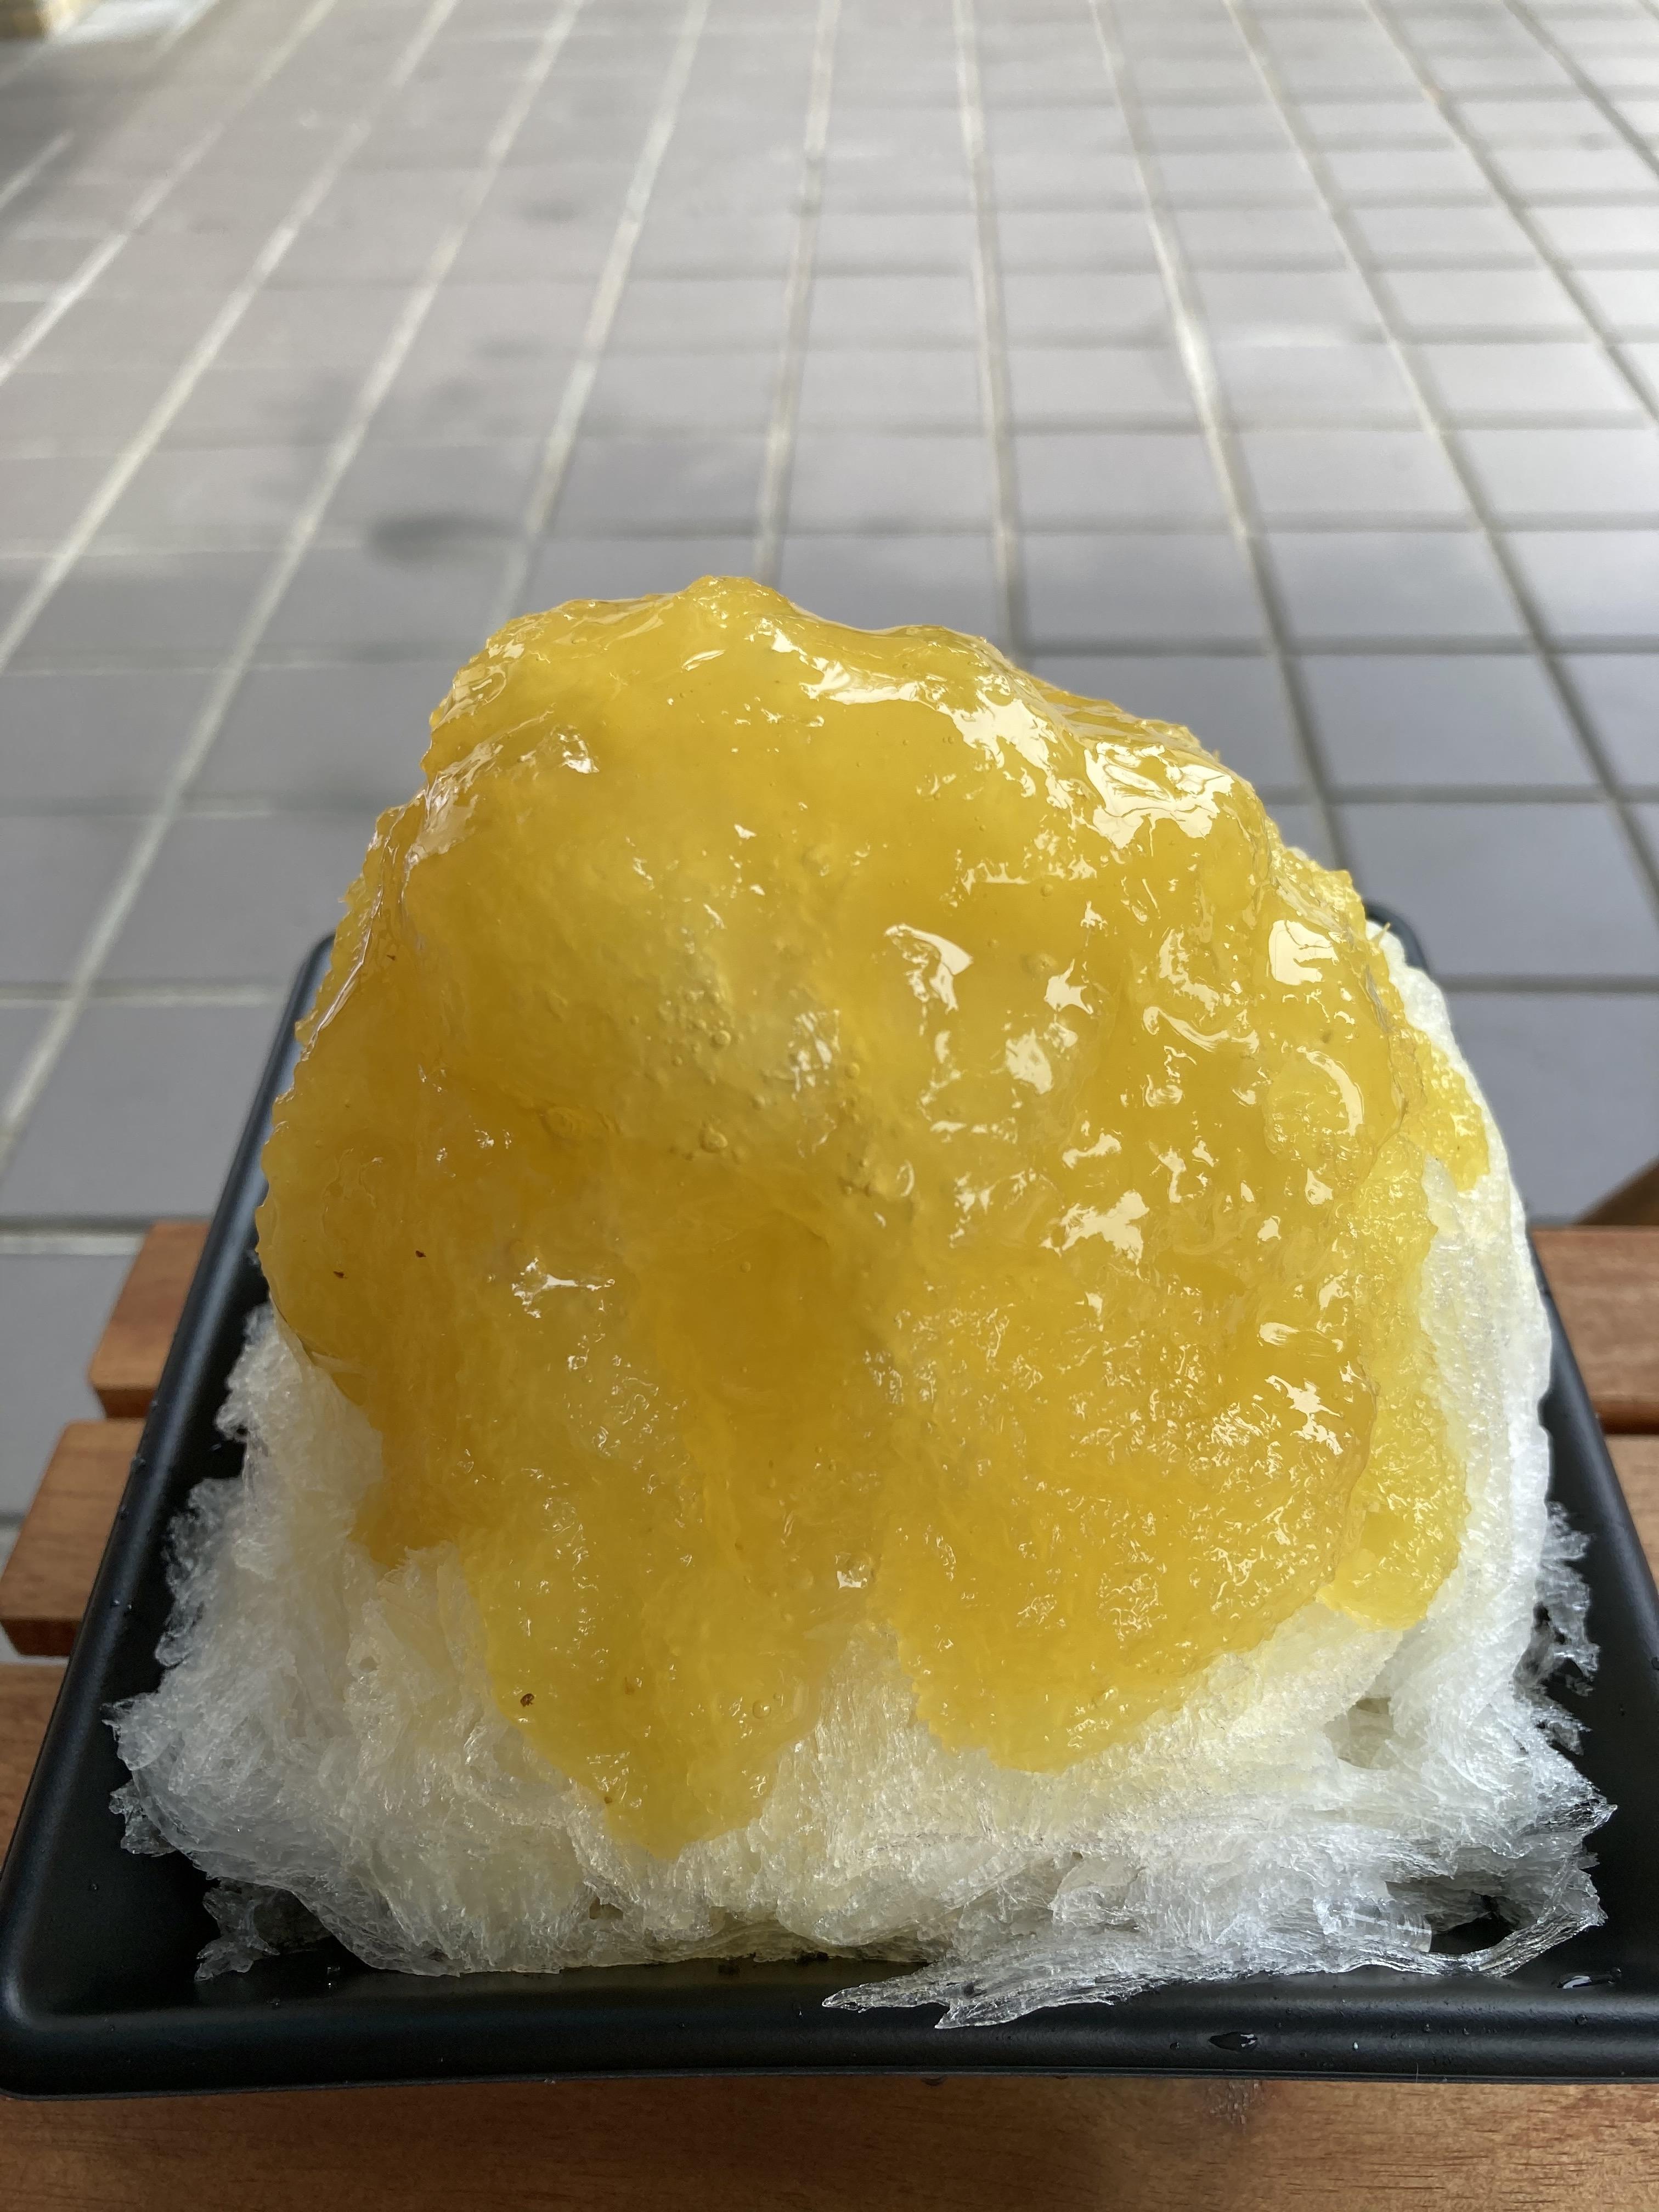 パイナップルかき氷@岡崎 菓子・茶房チェカ